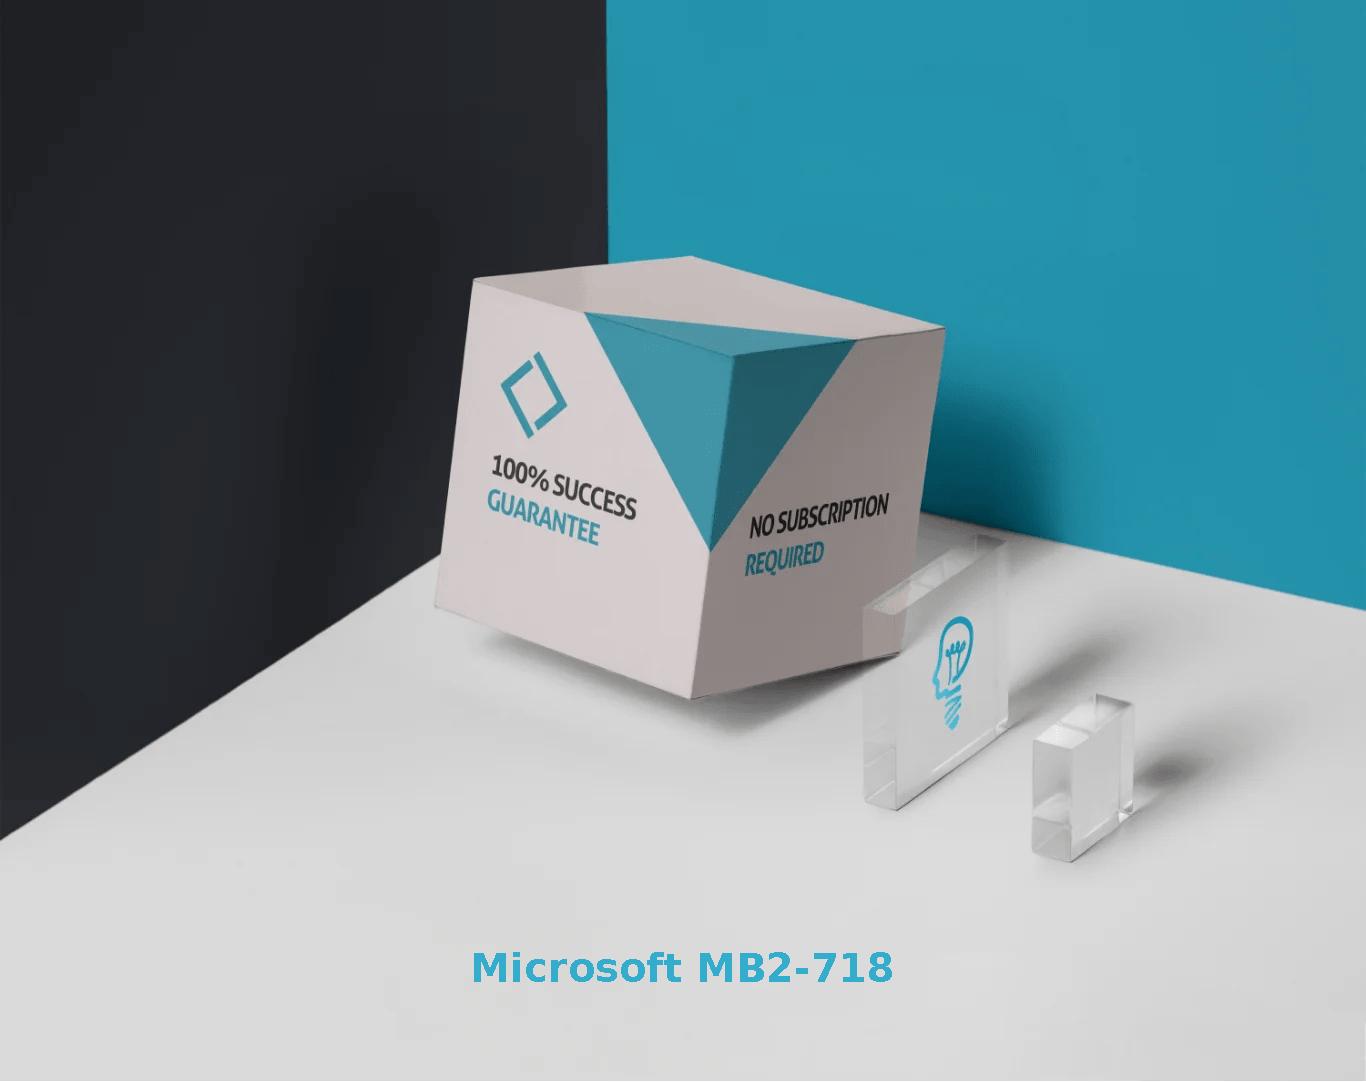 MB2-718 Dumps